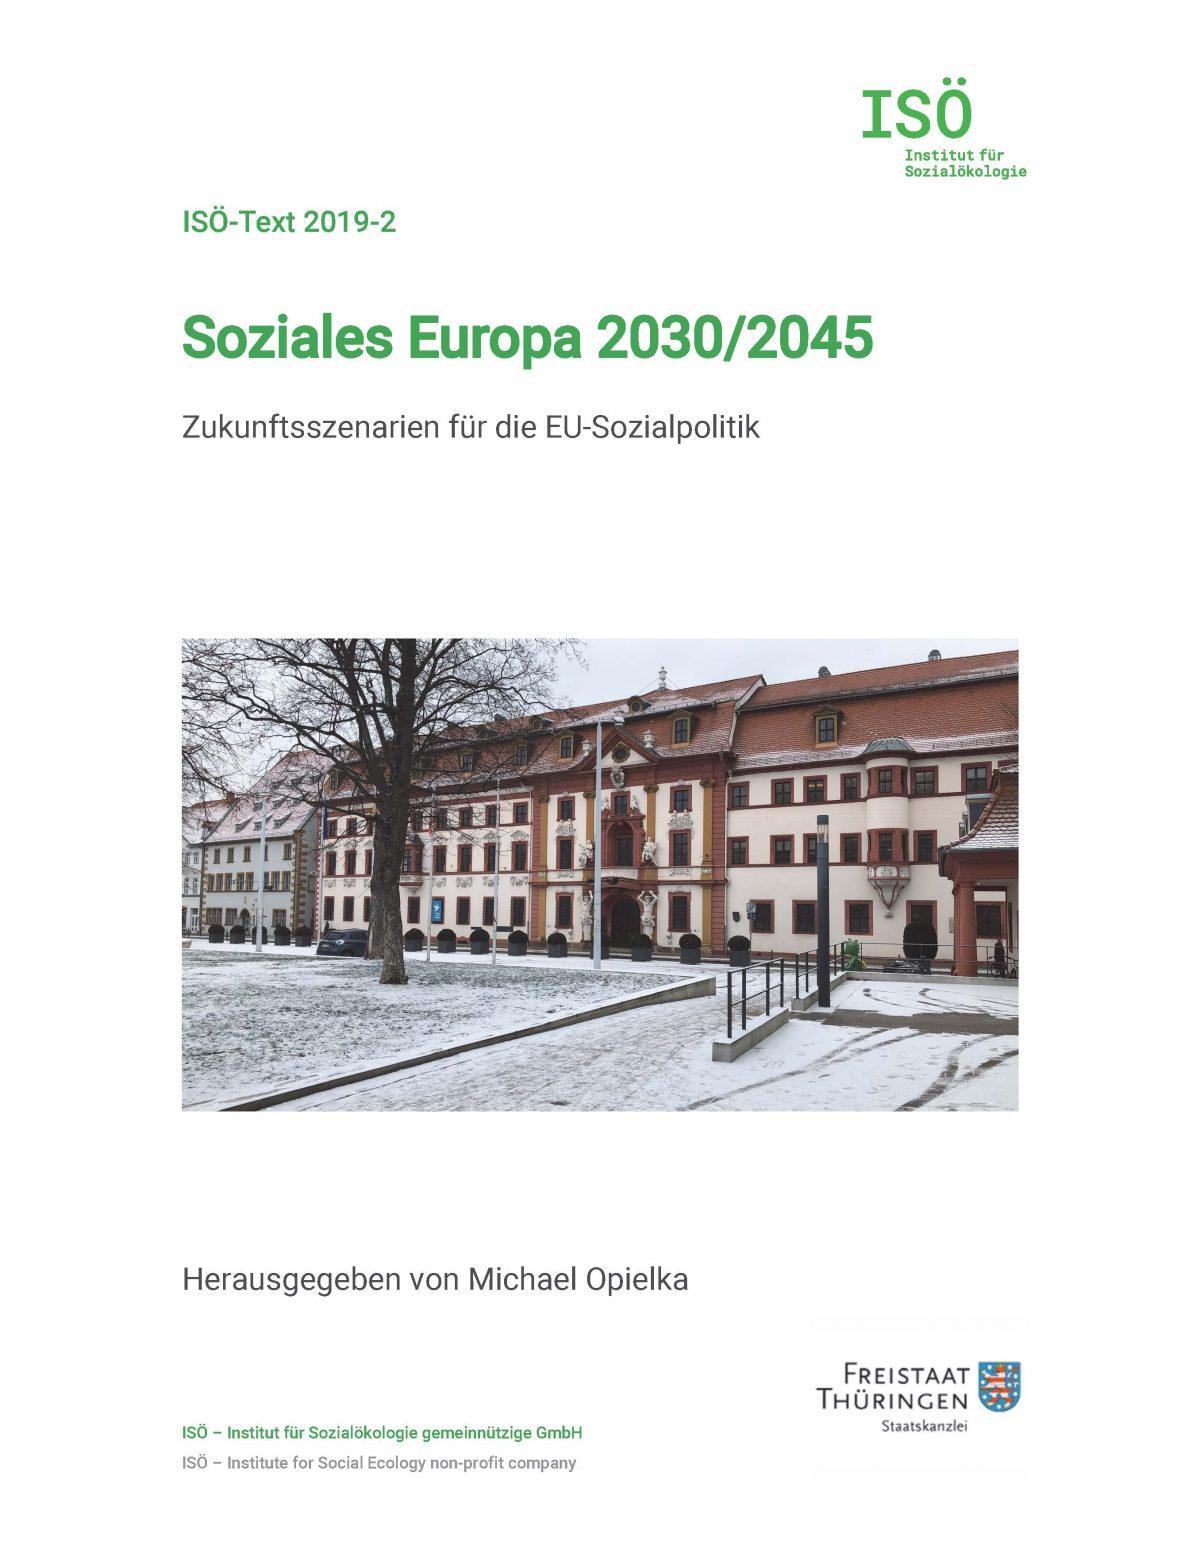 ISÖ-Text zur Zukunft der Europäischen Sozialpolitik erschienen: Soziales Europa 2030/2045 – Reformszenarien als Zukunftskompass!